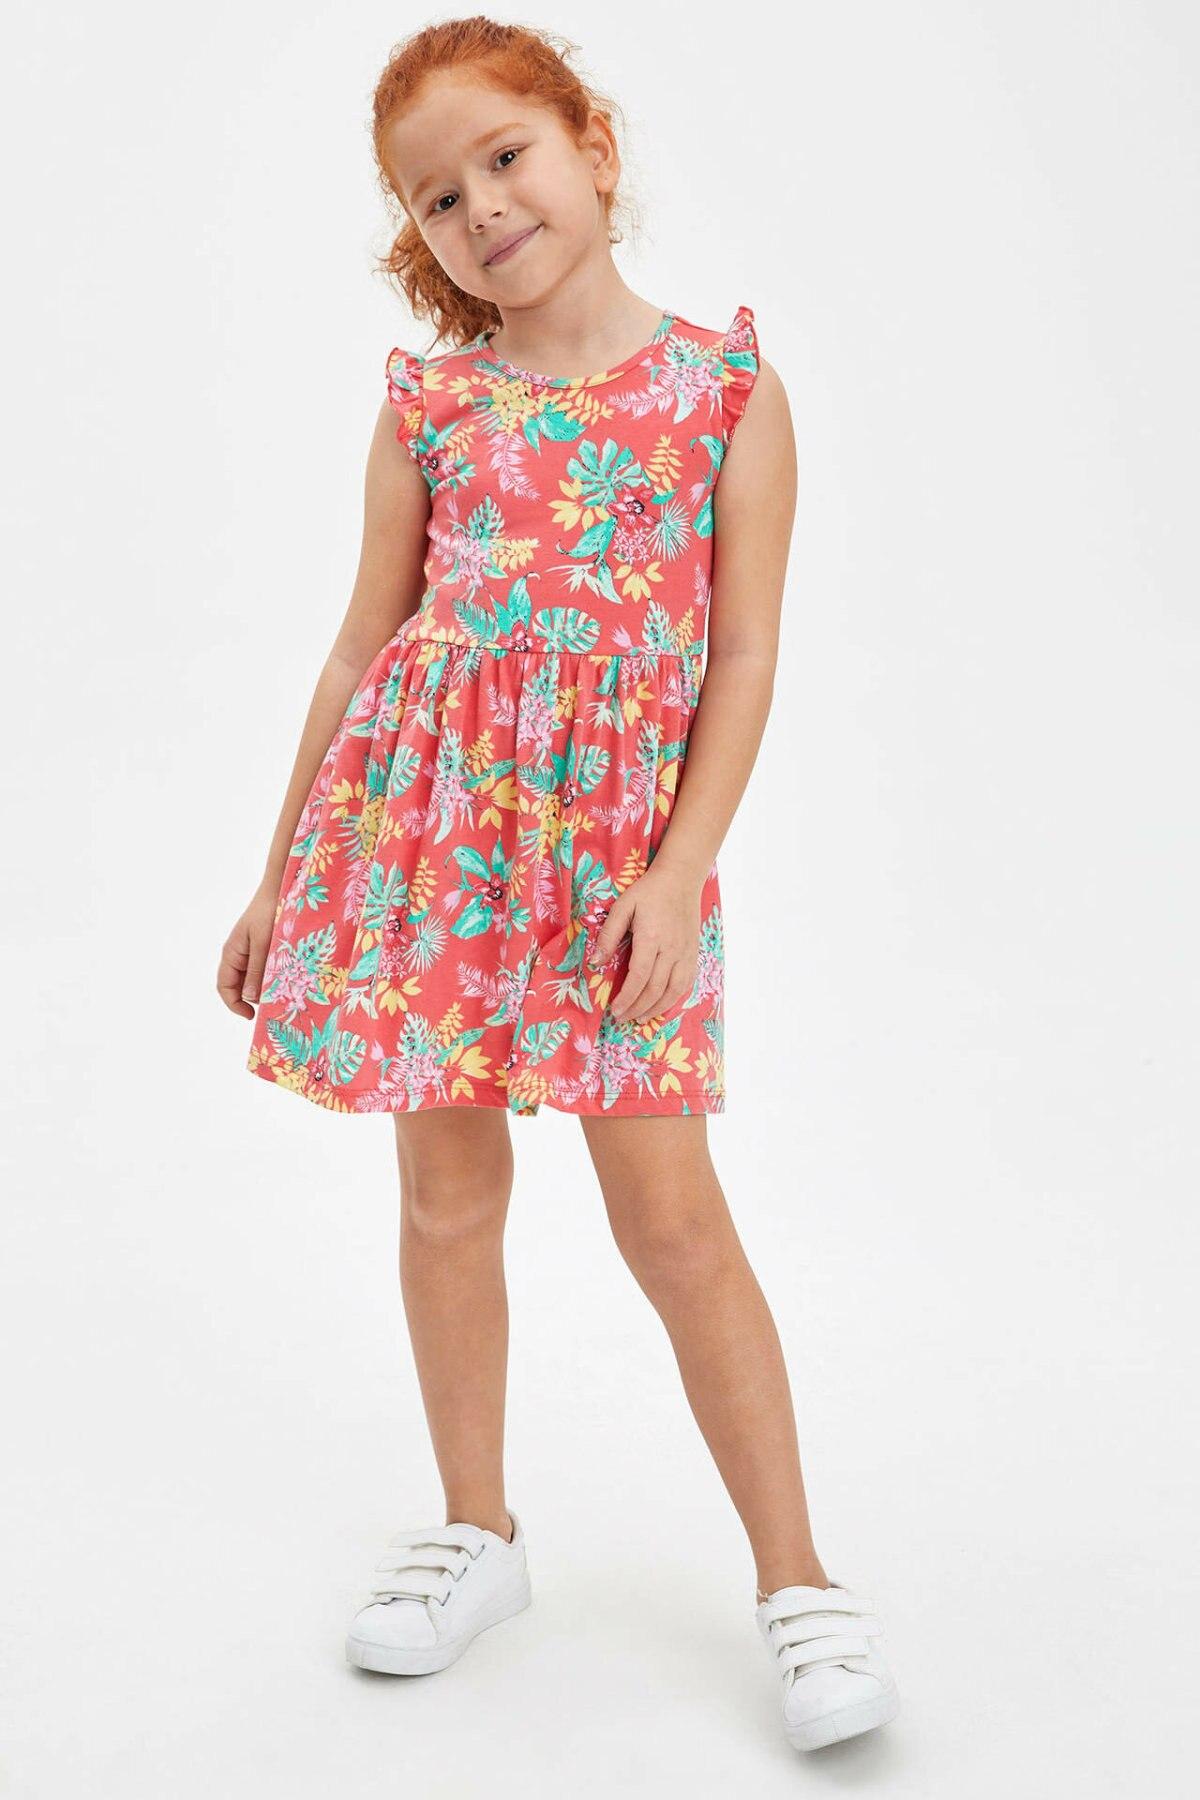 skipper Più di tutto Kent  DeFacto Girl Knitted Dress Girls' Red Floral Dresses Girls Casual  Sleeveless Dress Girl Summer Lovely Dress M8073A620SM|Dresses| - AliExpress